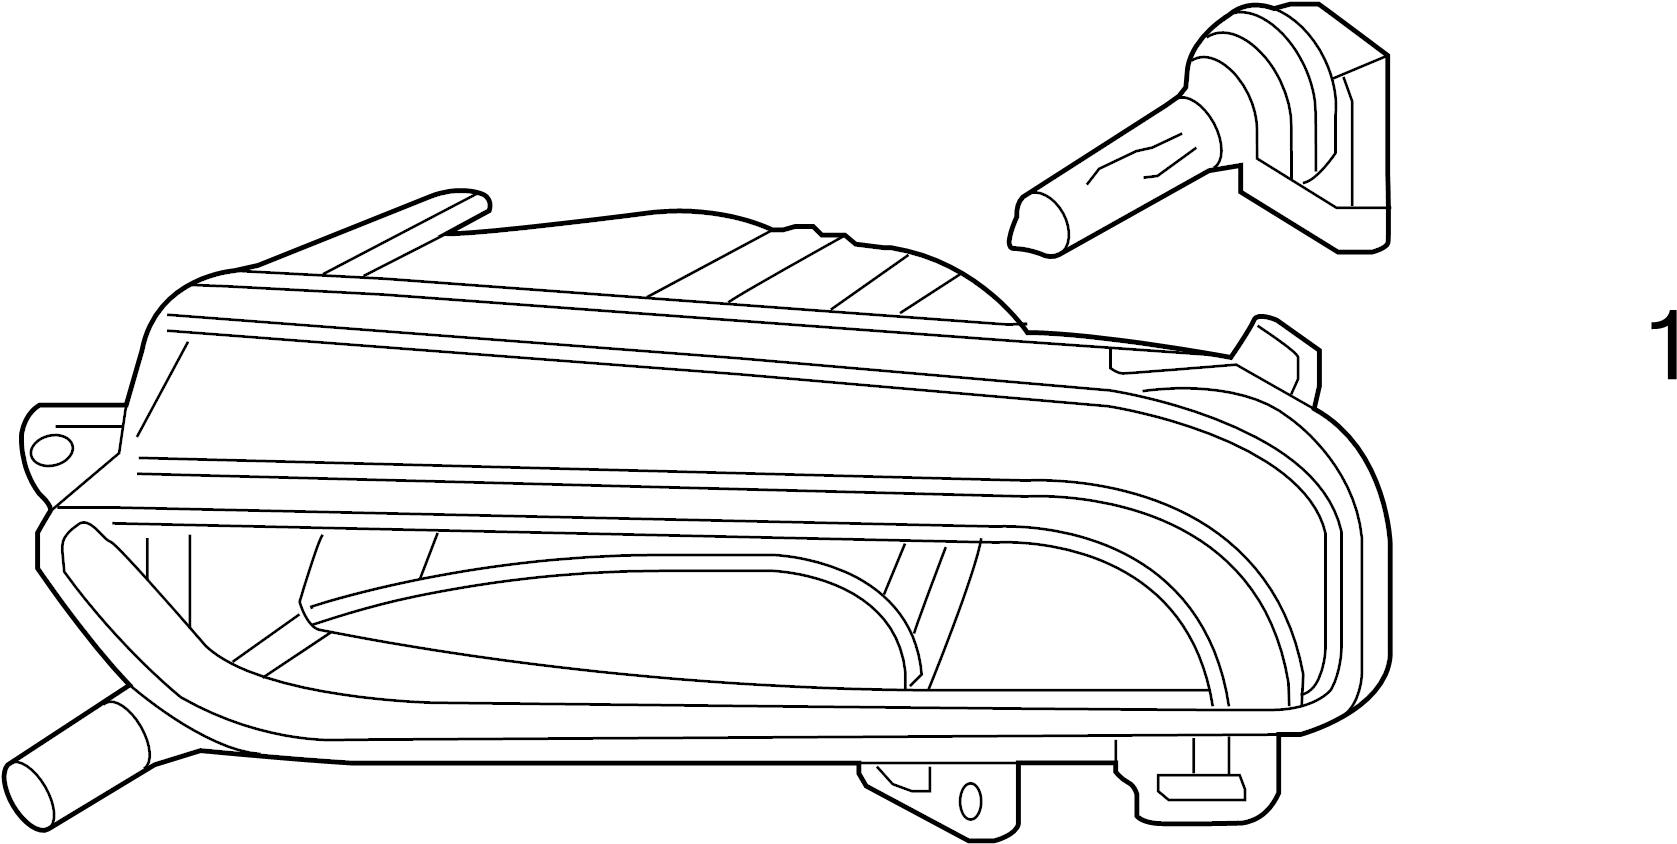 2012 volkswagen jetta gli bulb  beam - n10529501